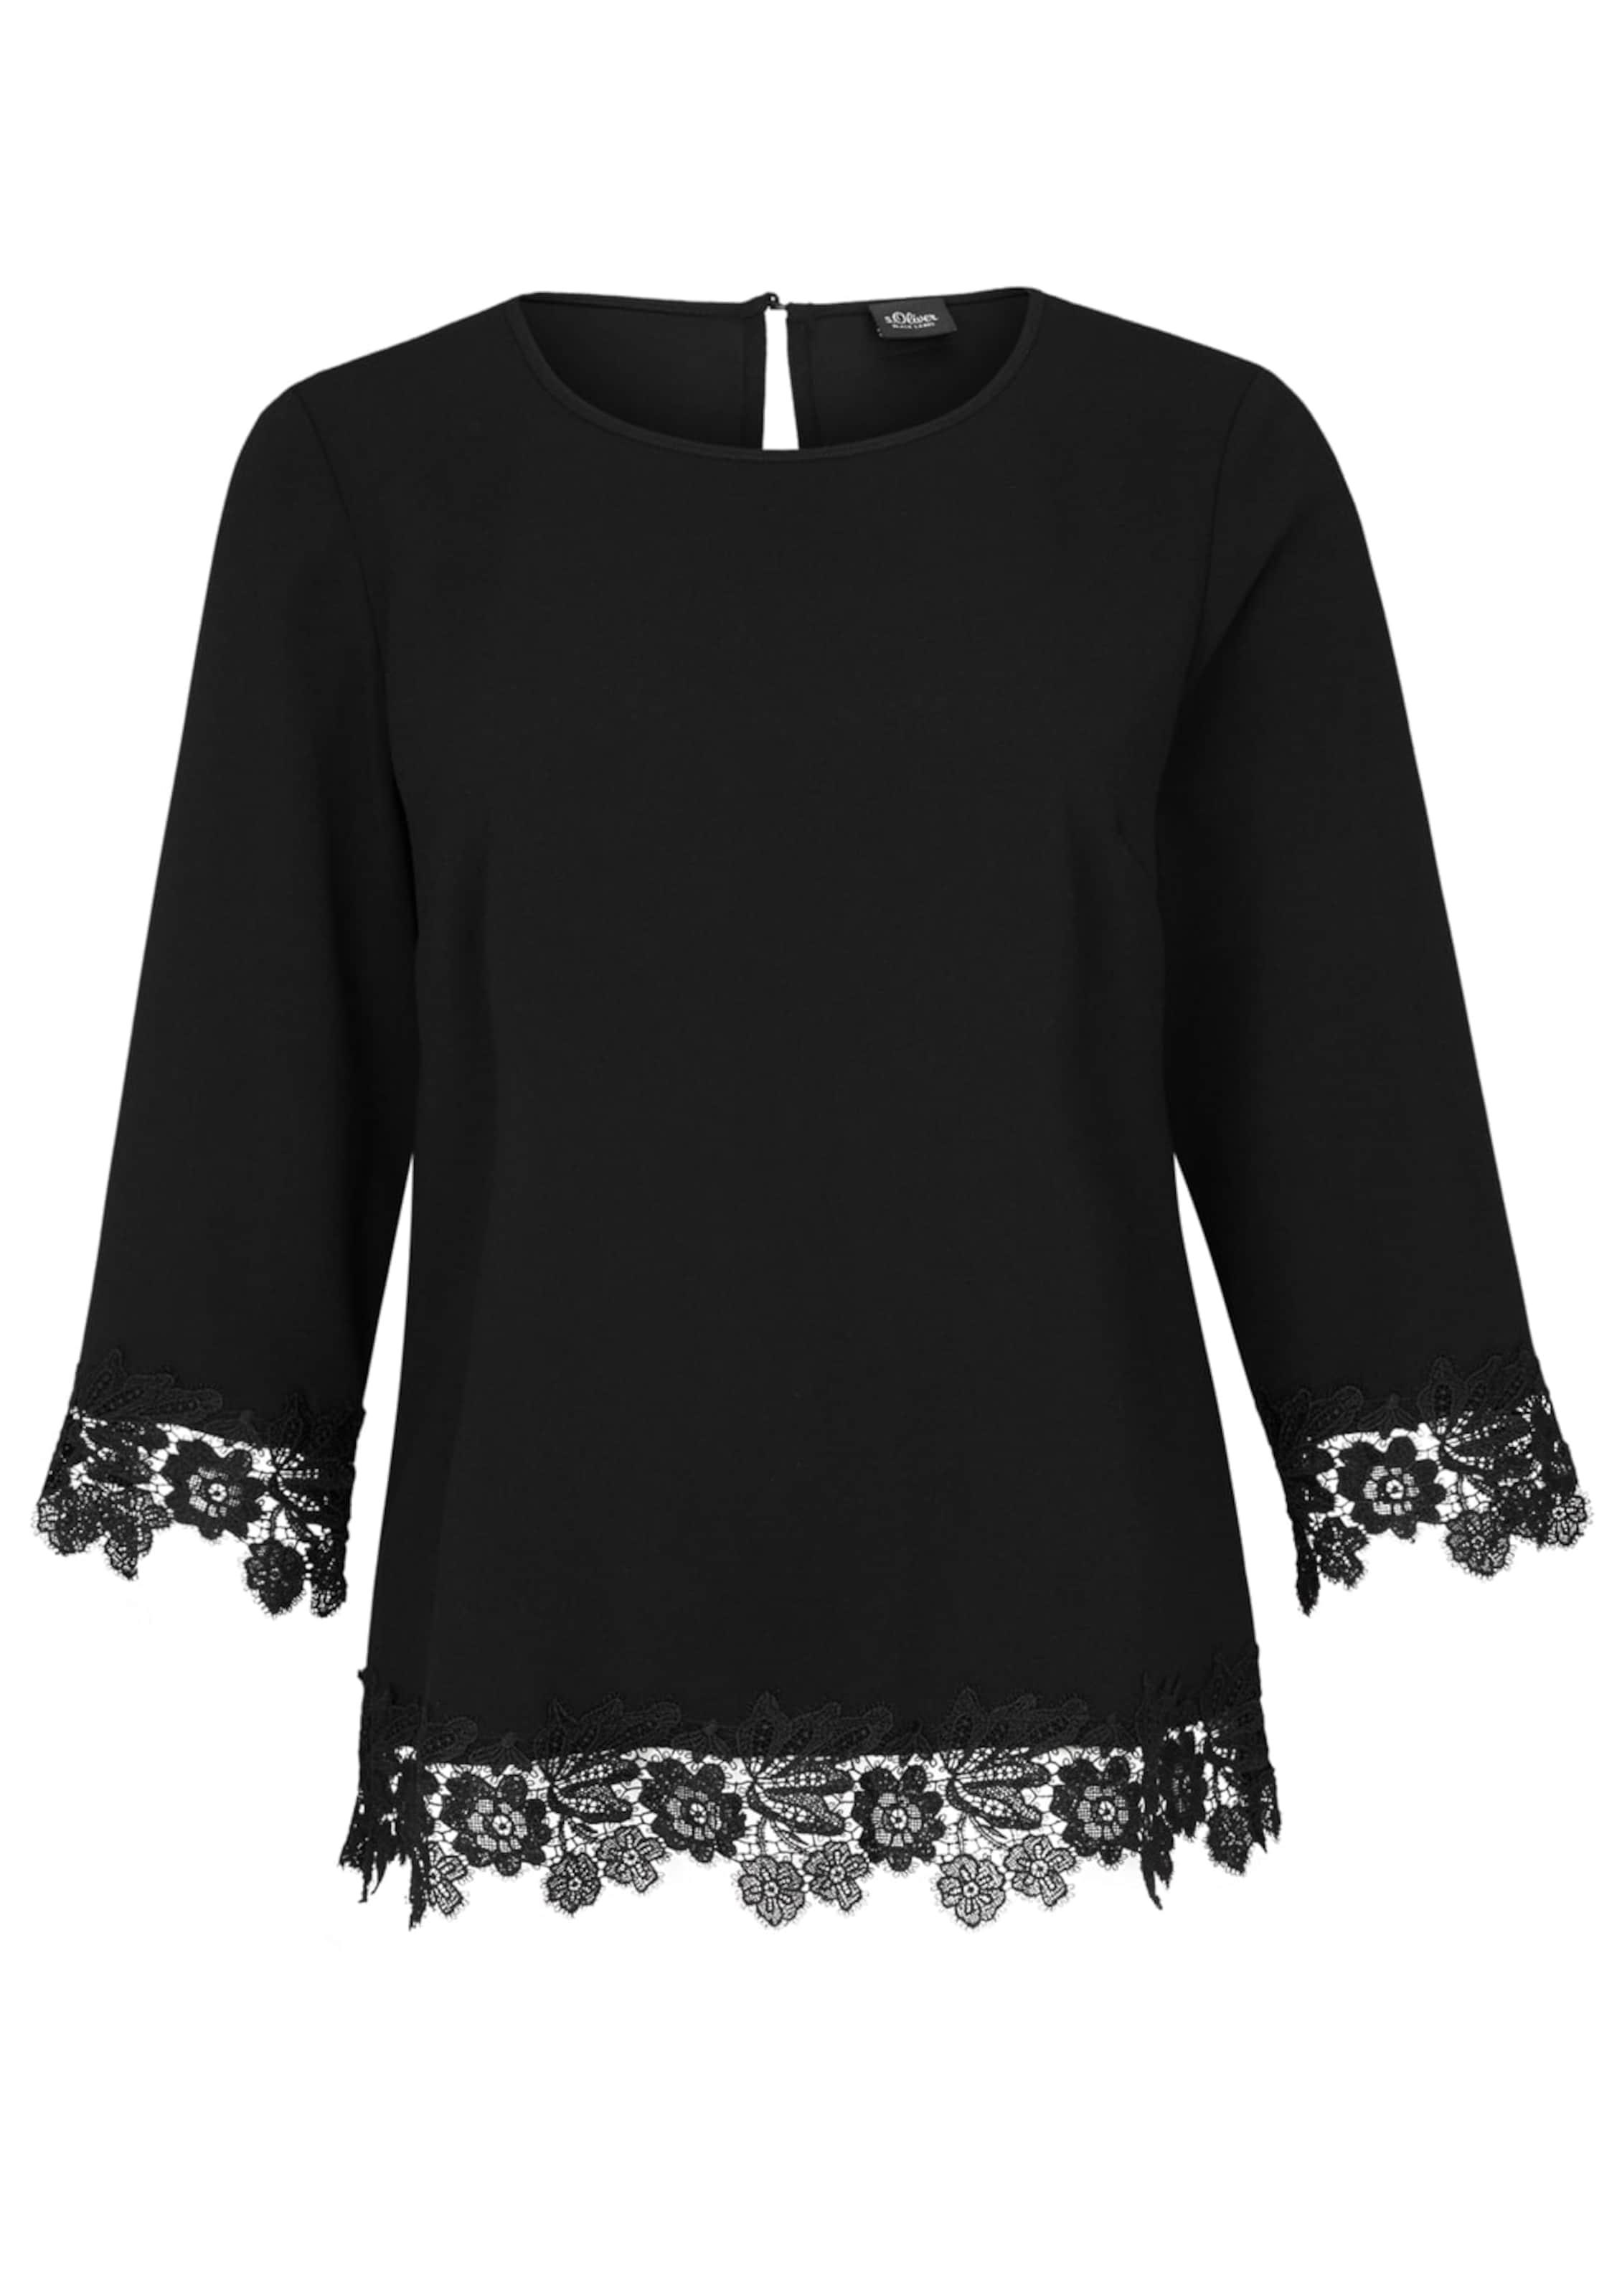 oliver Label Black S Bluse In Schwarz zVpGqSLMjU